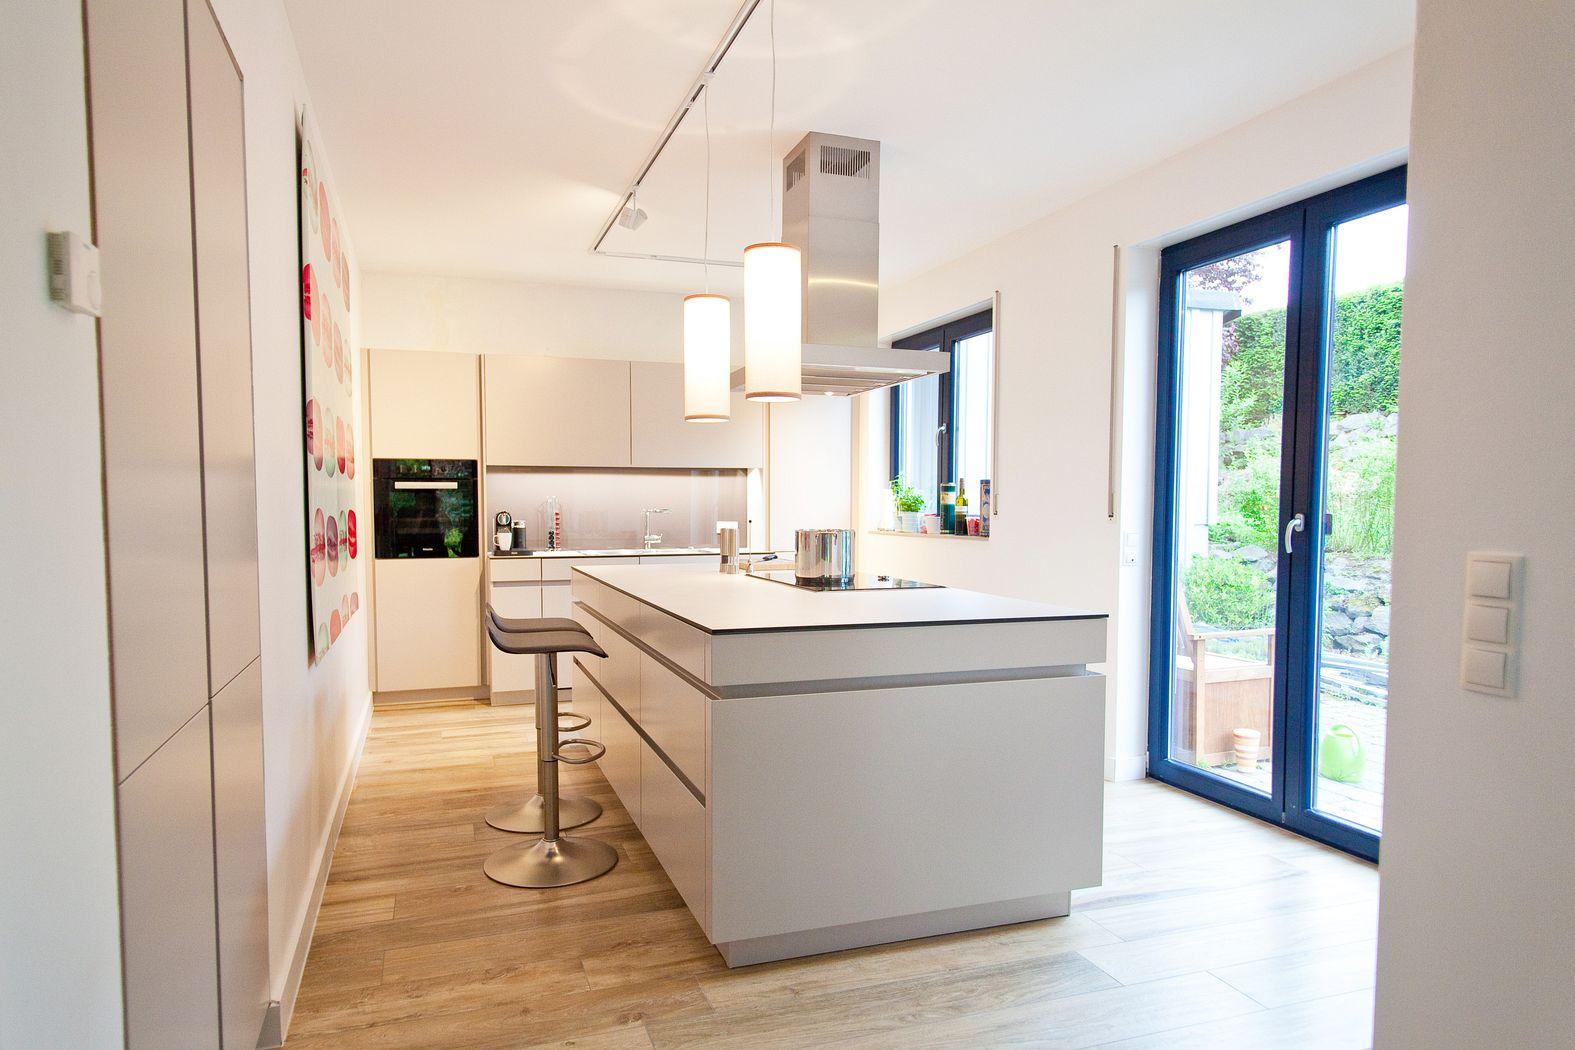 Gemütlich Crosley Möbel Kücheninsel Ideen - Küche Set Ideen ...